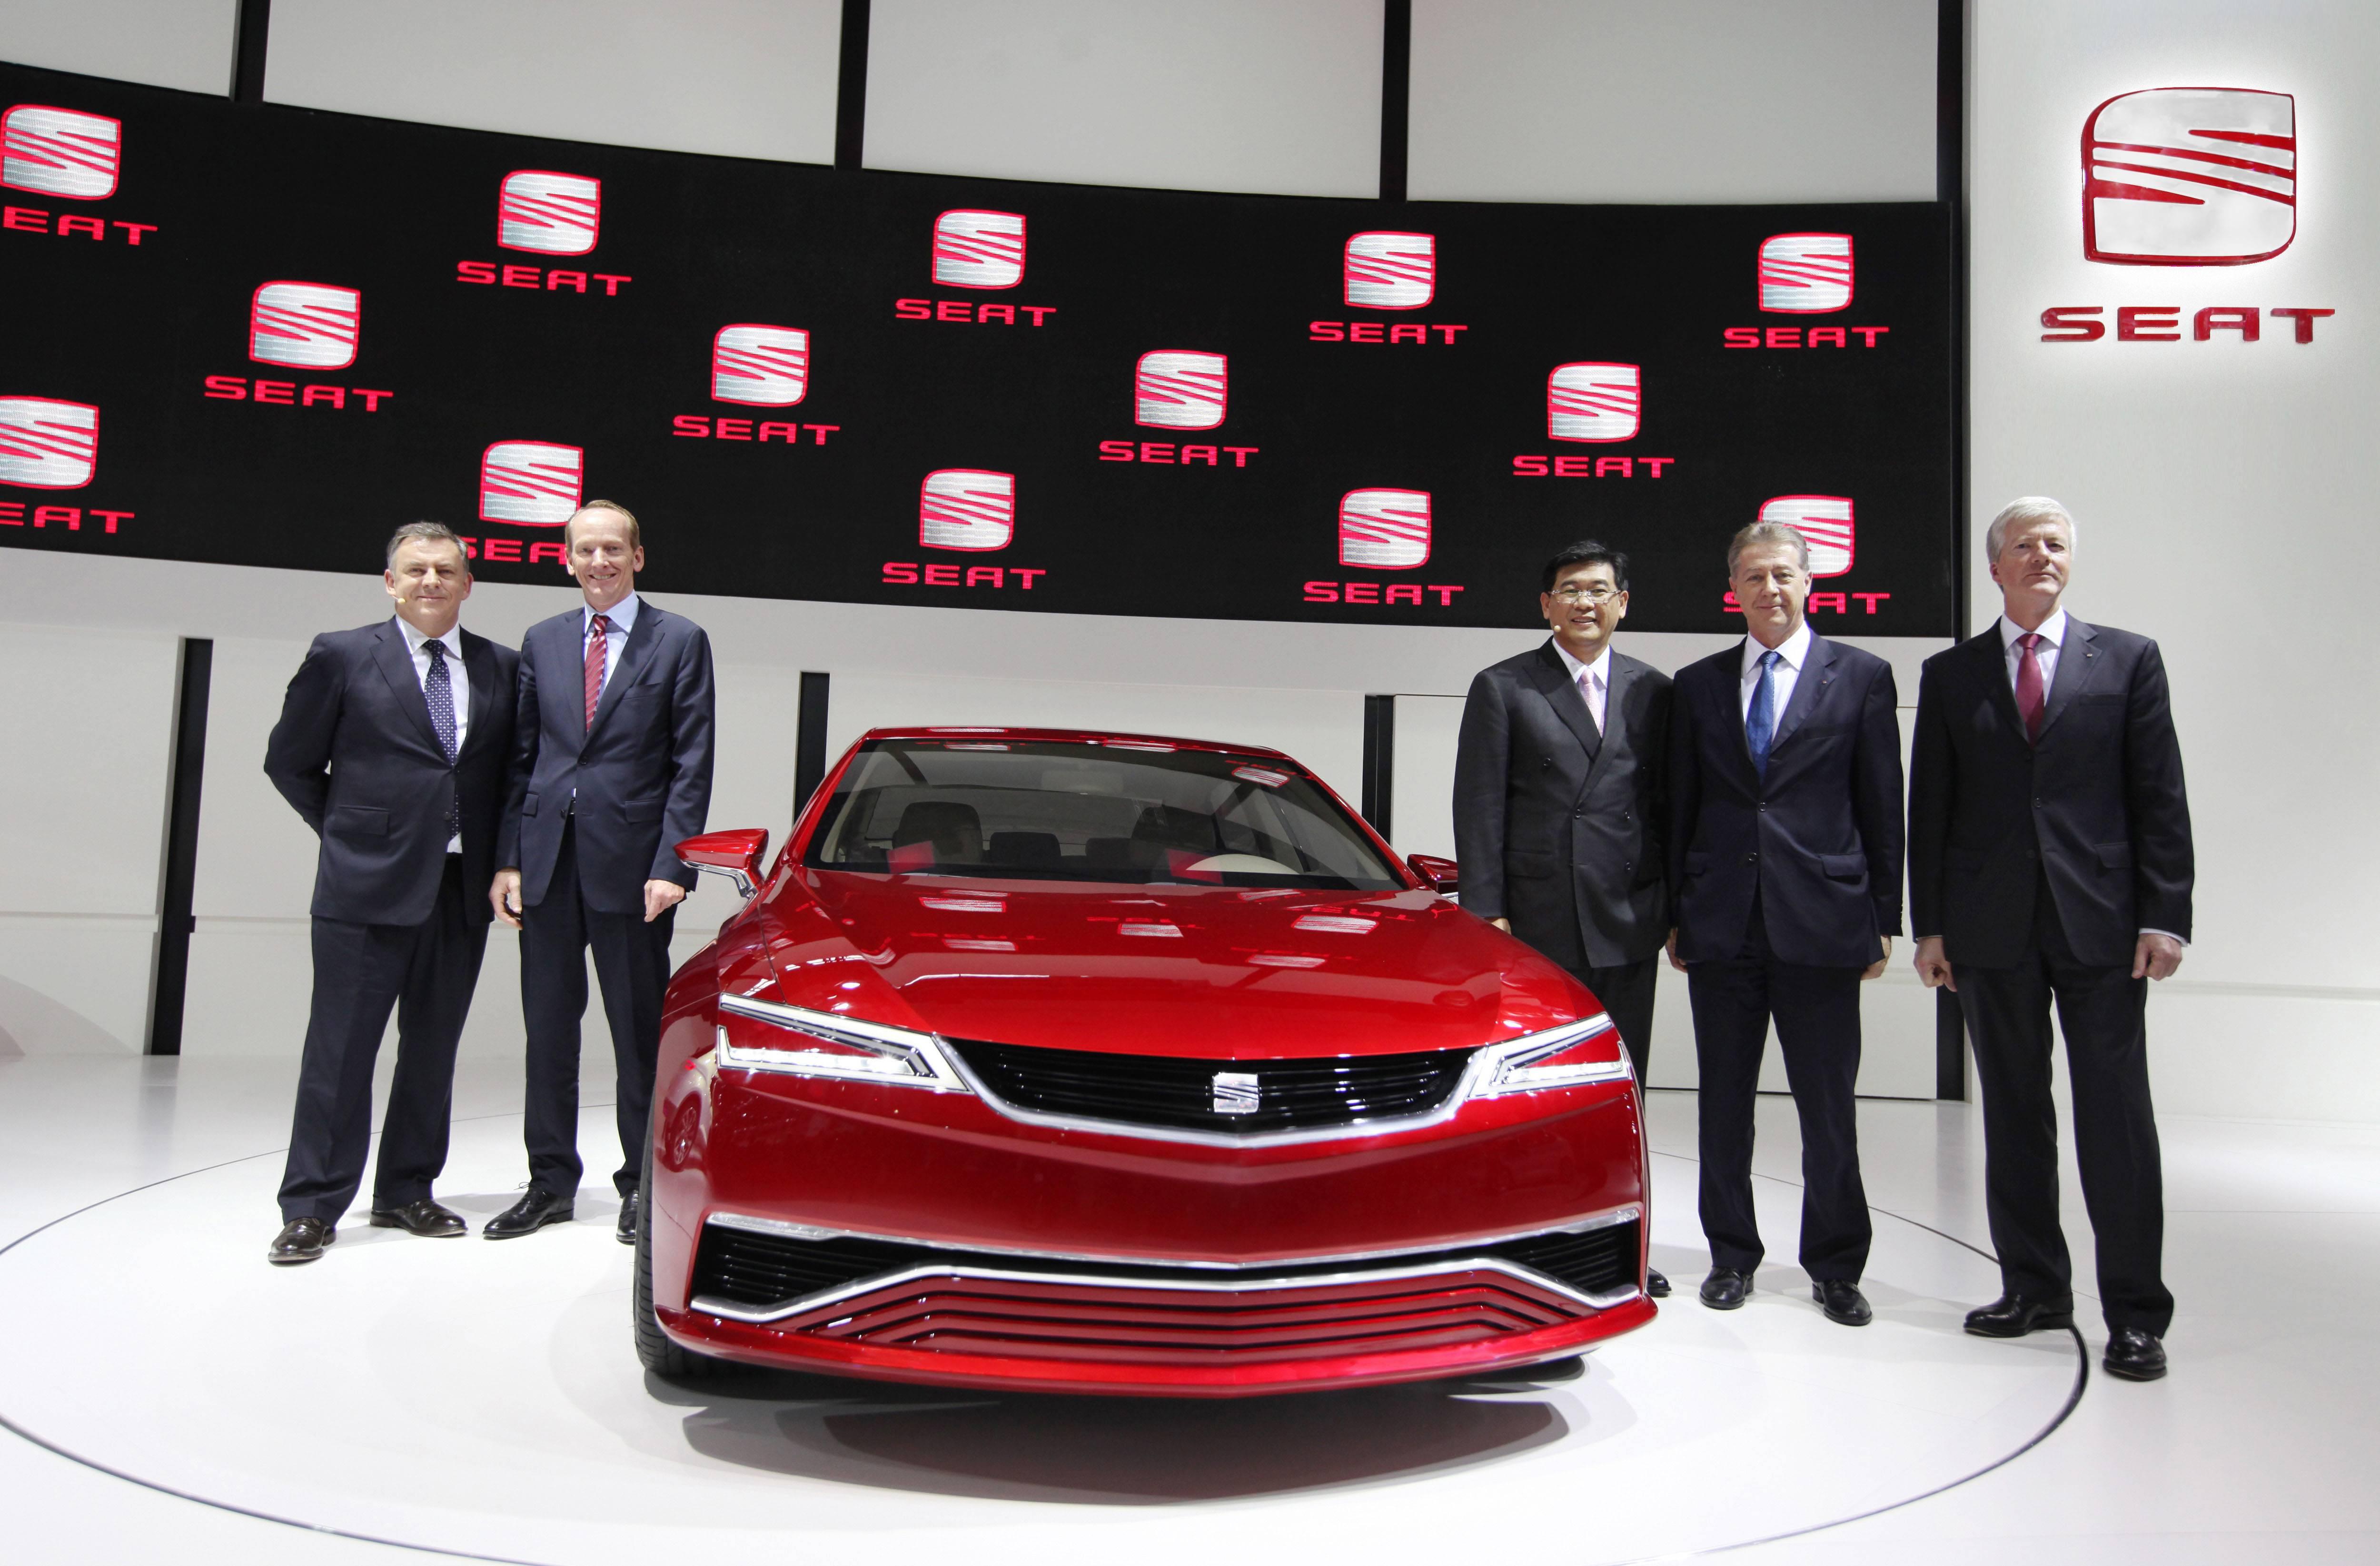 Итальянские марки автомобилей — роскошь, скорость и мировое господство